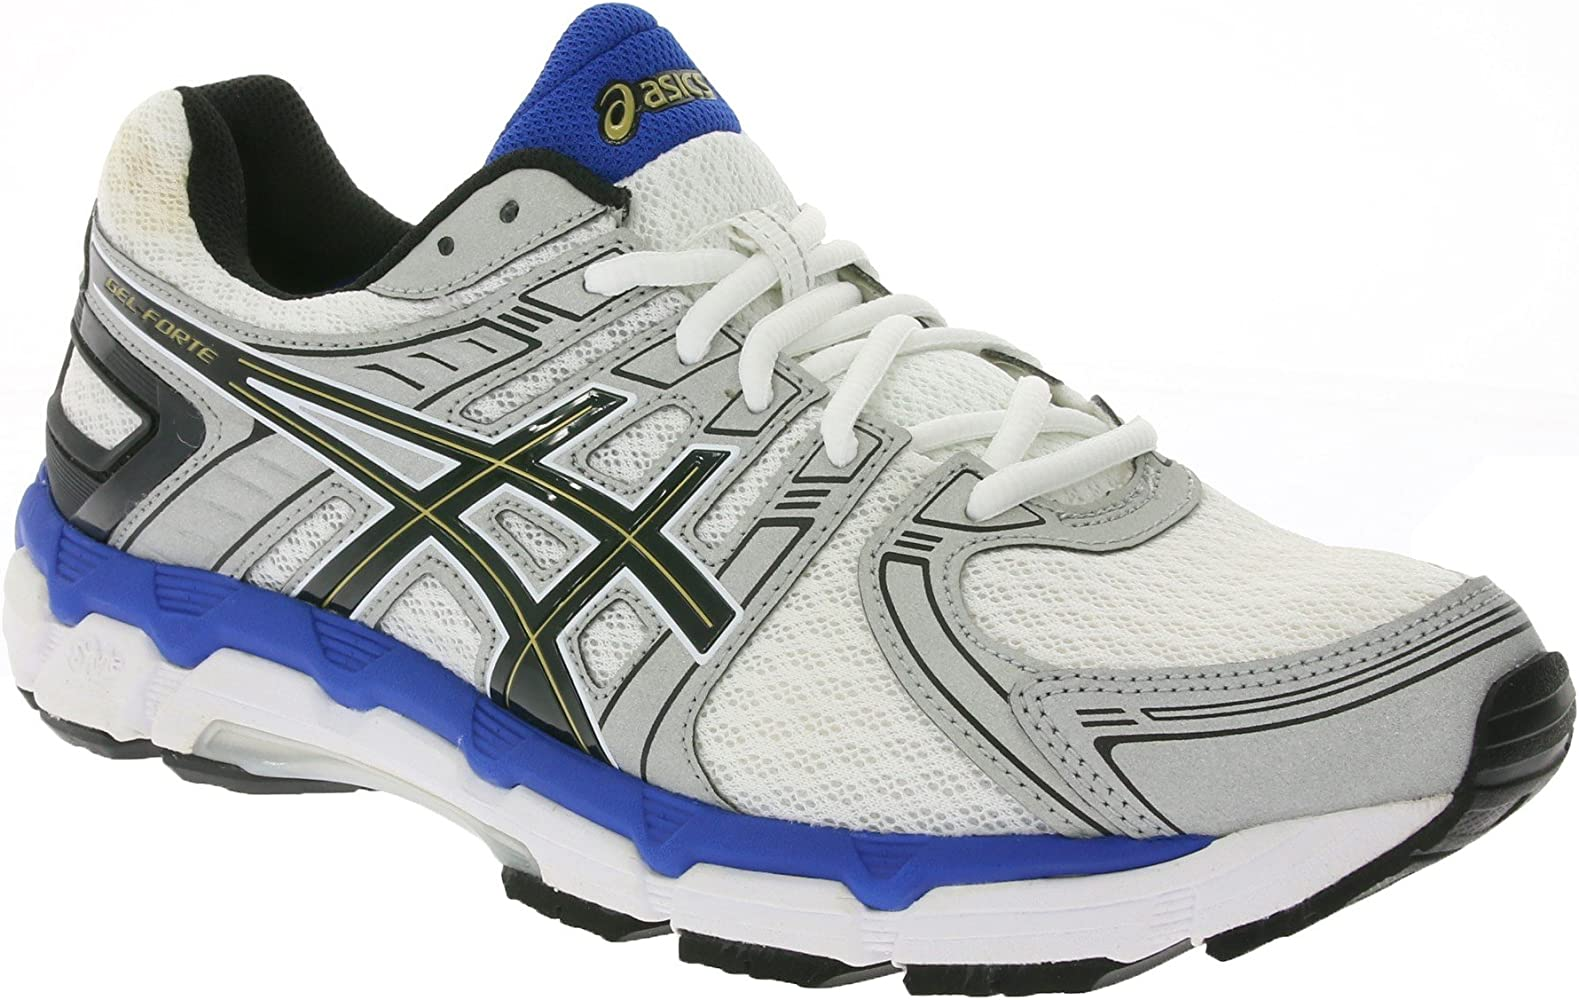 ASICS GEL-FORTE Zapatillas Para Correr (2E Width) - 45: Amazon.es: Zapatos y complementos